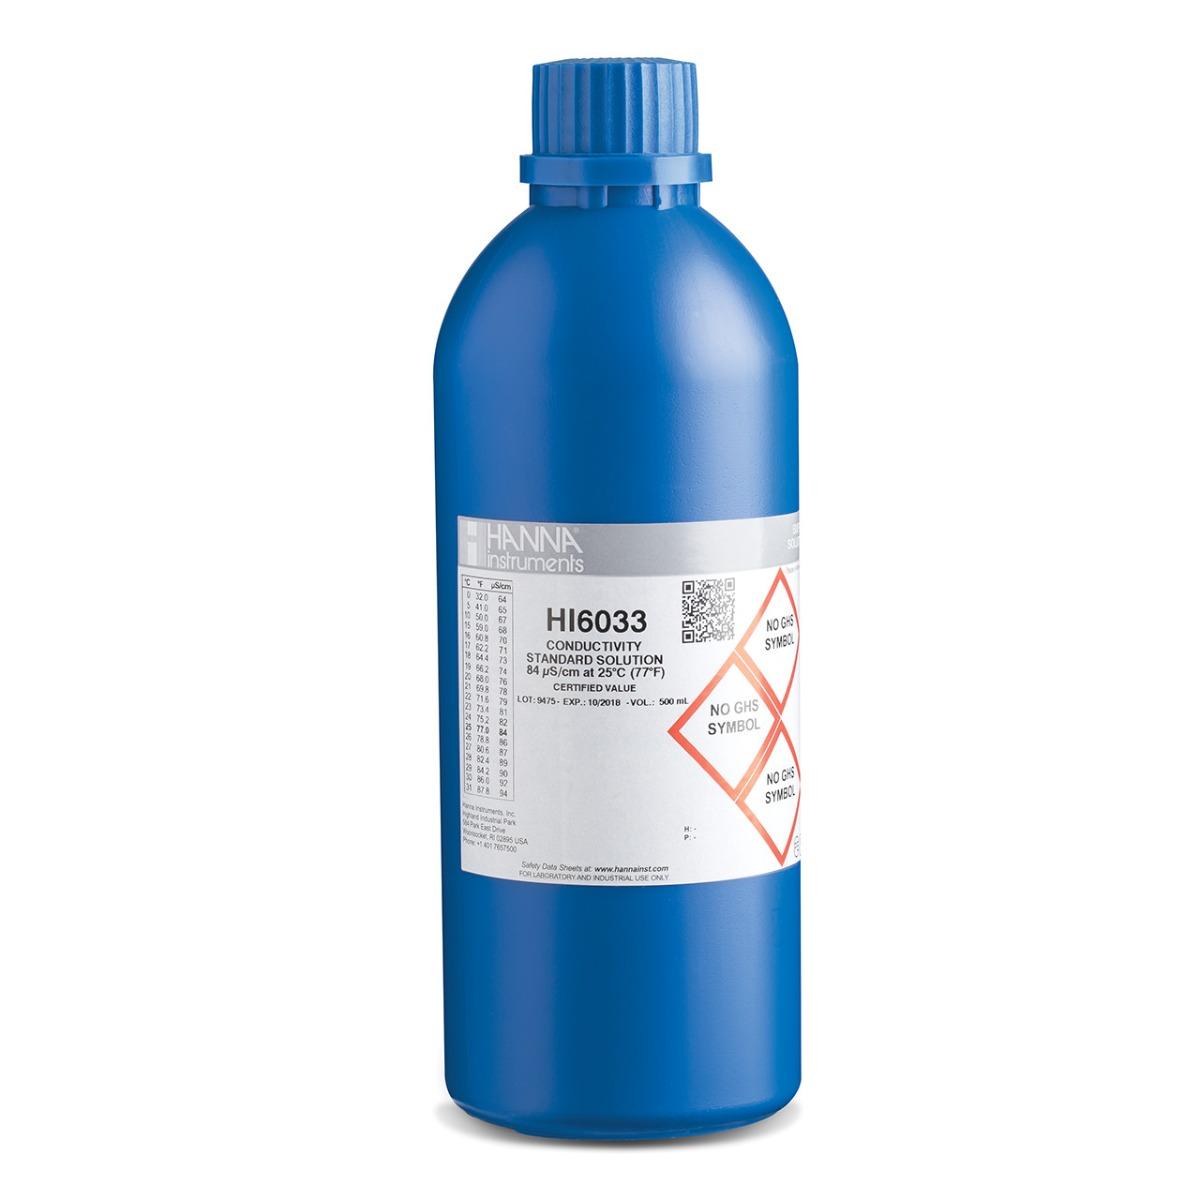 HI6033 84 µS/cm EC (500 mL) bottle with certificate